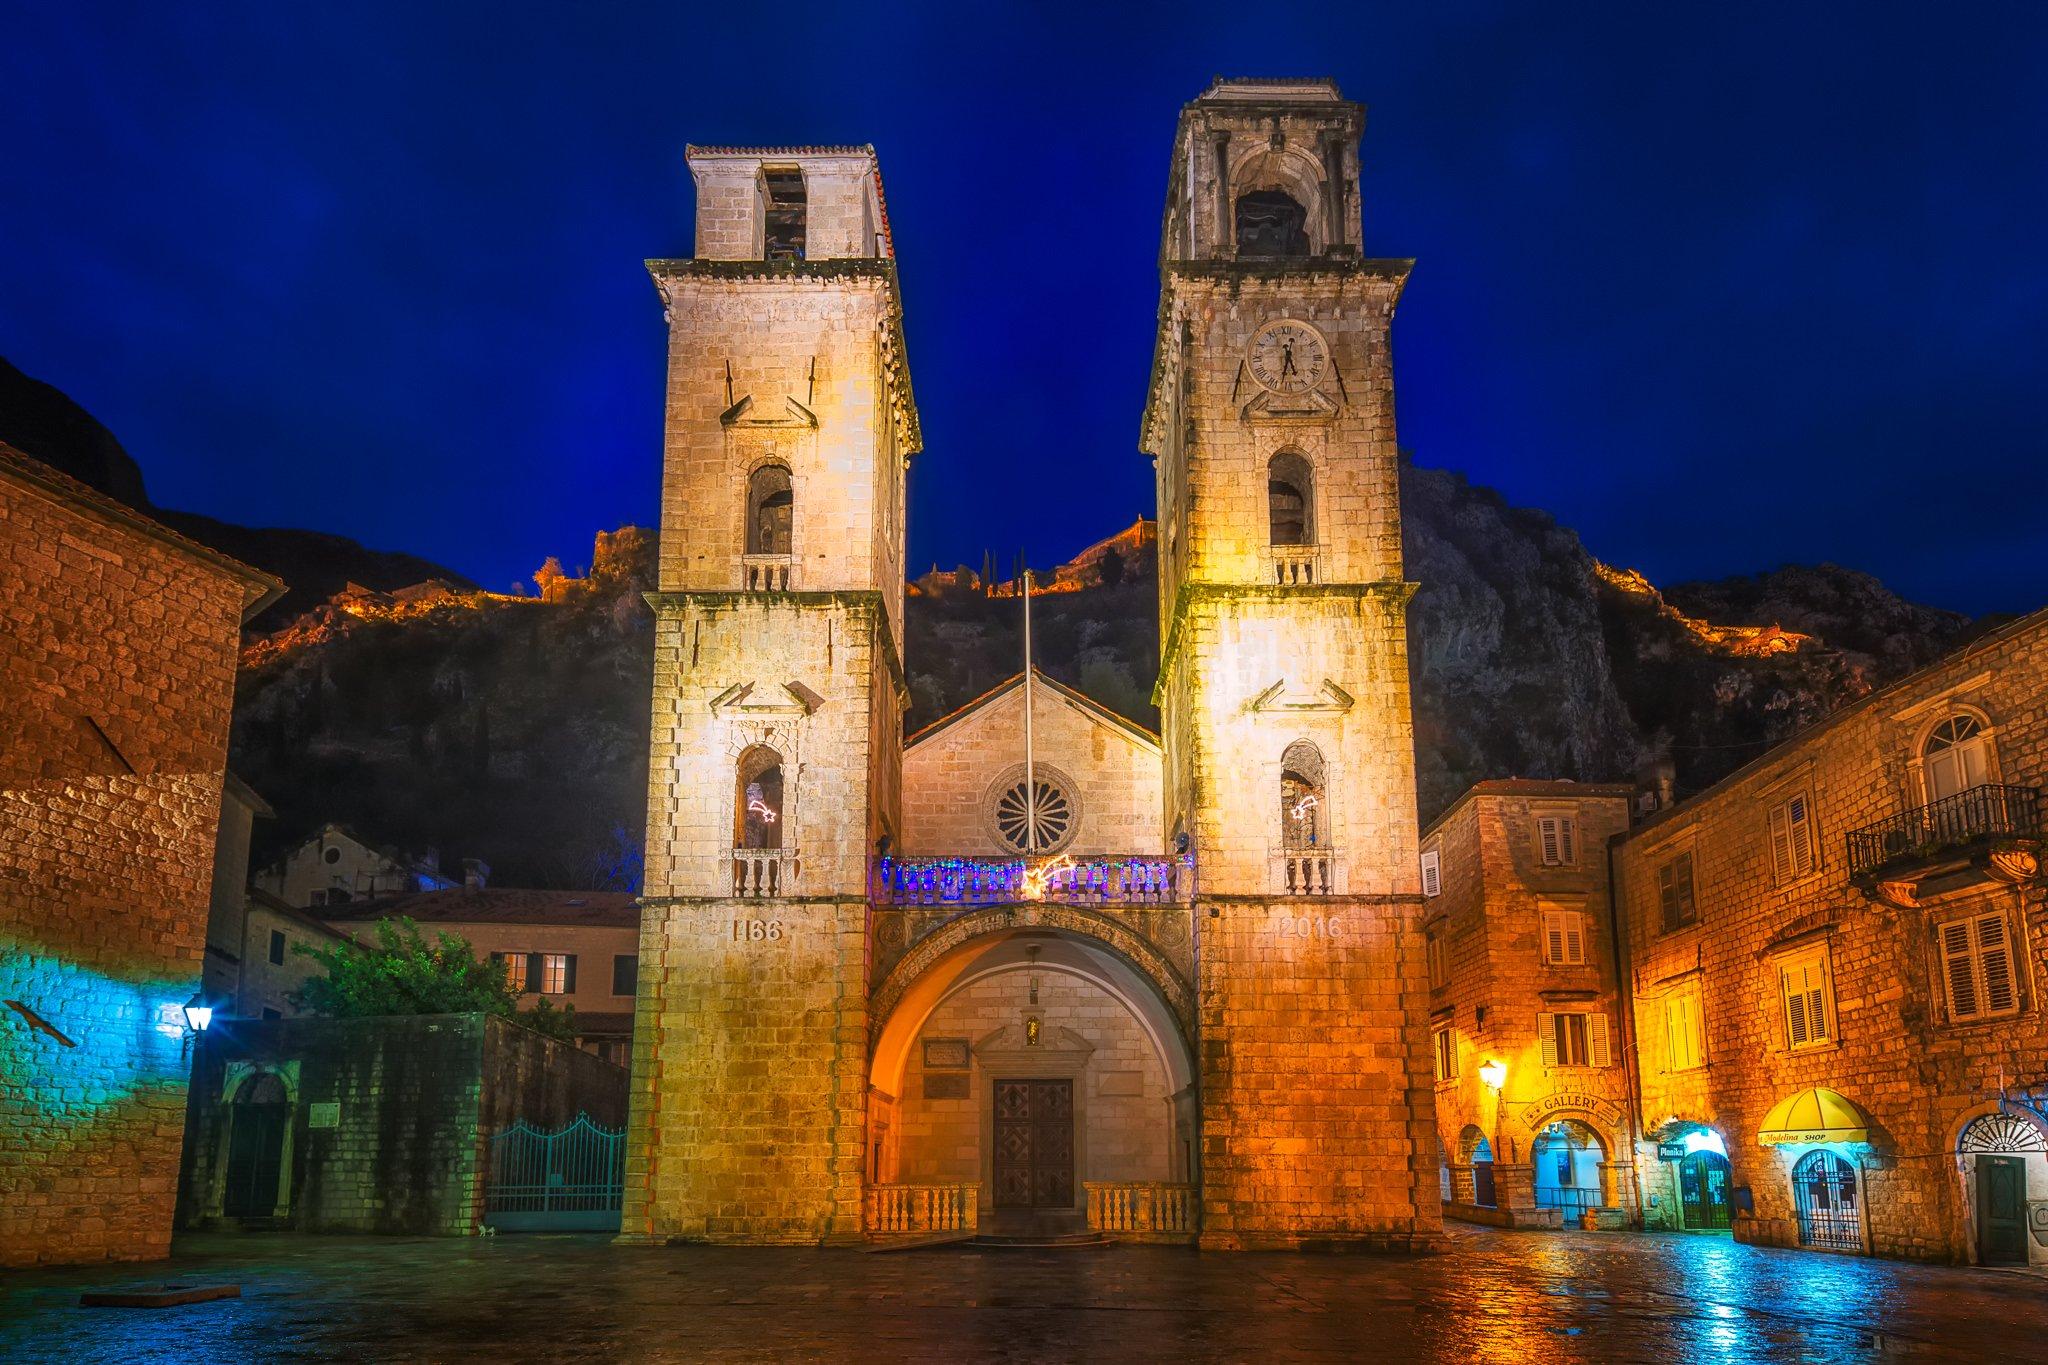 Katedra św. Tryfona | Kotor, Czarnogóra